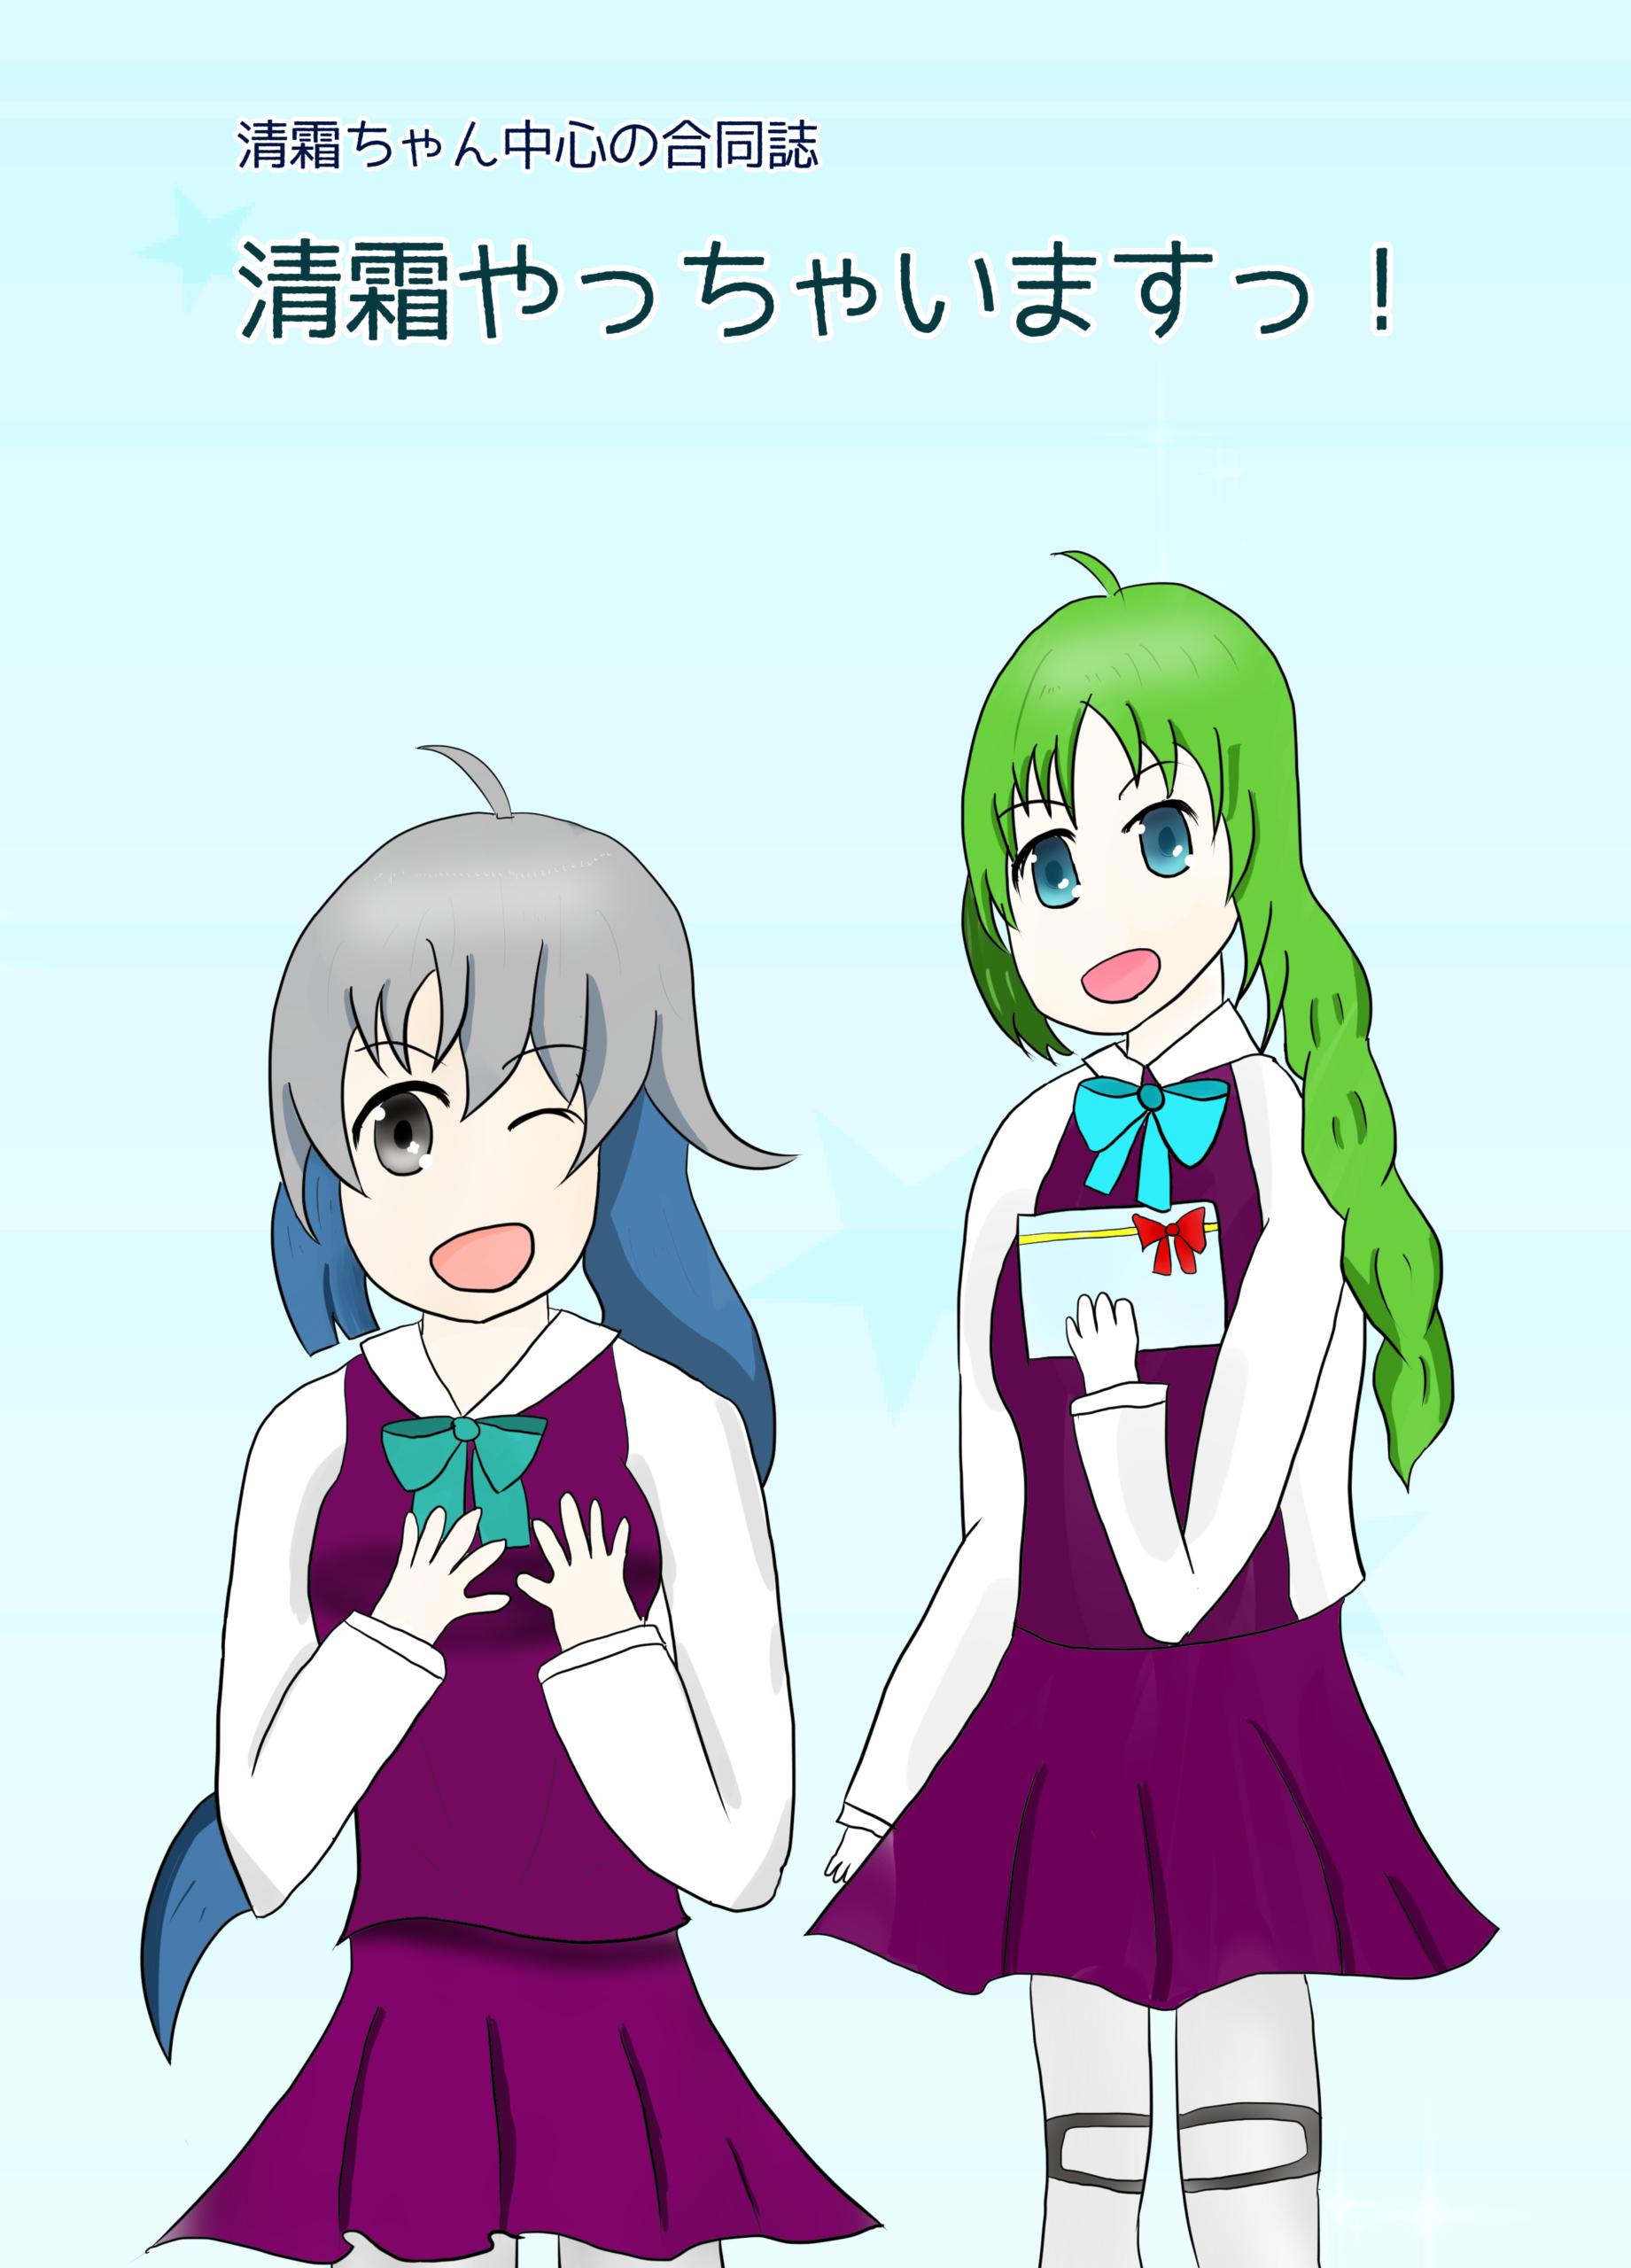 清霜ちゃんと夕雲姉さん